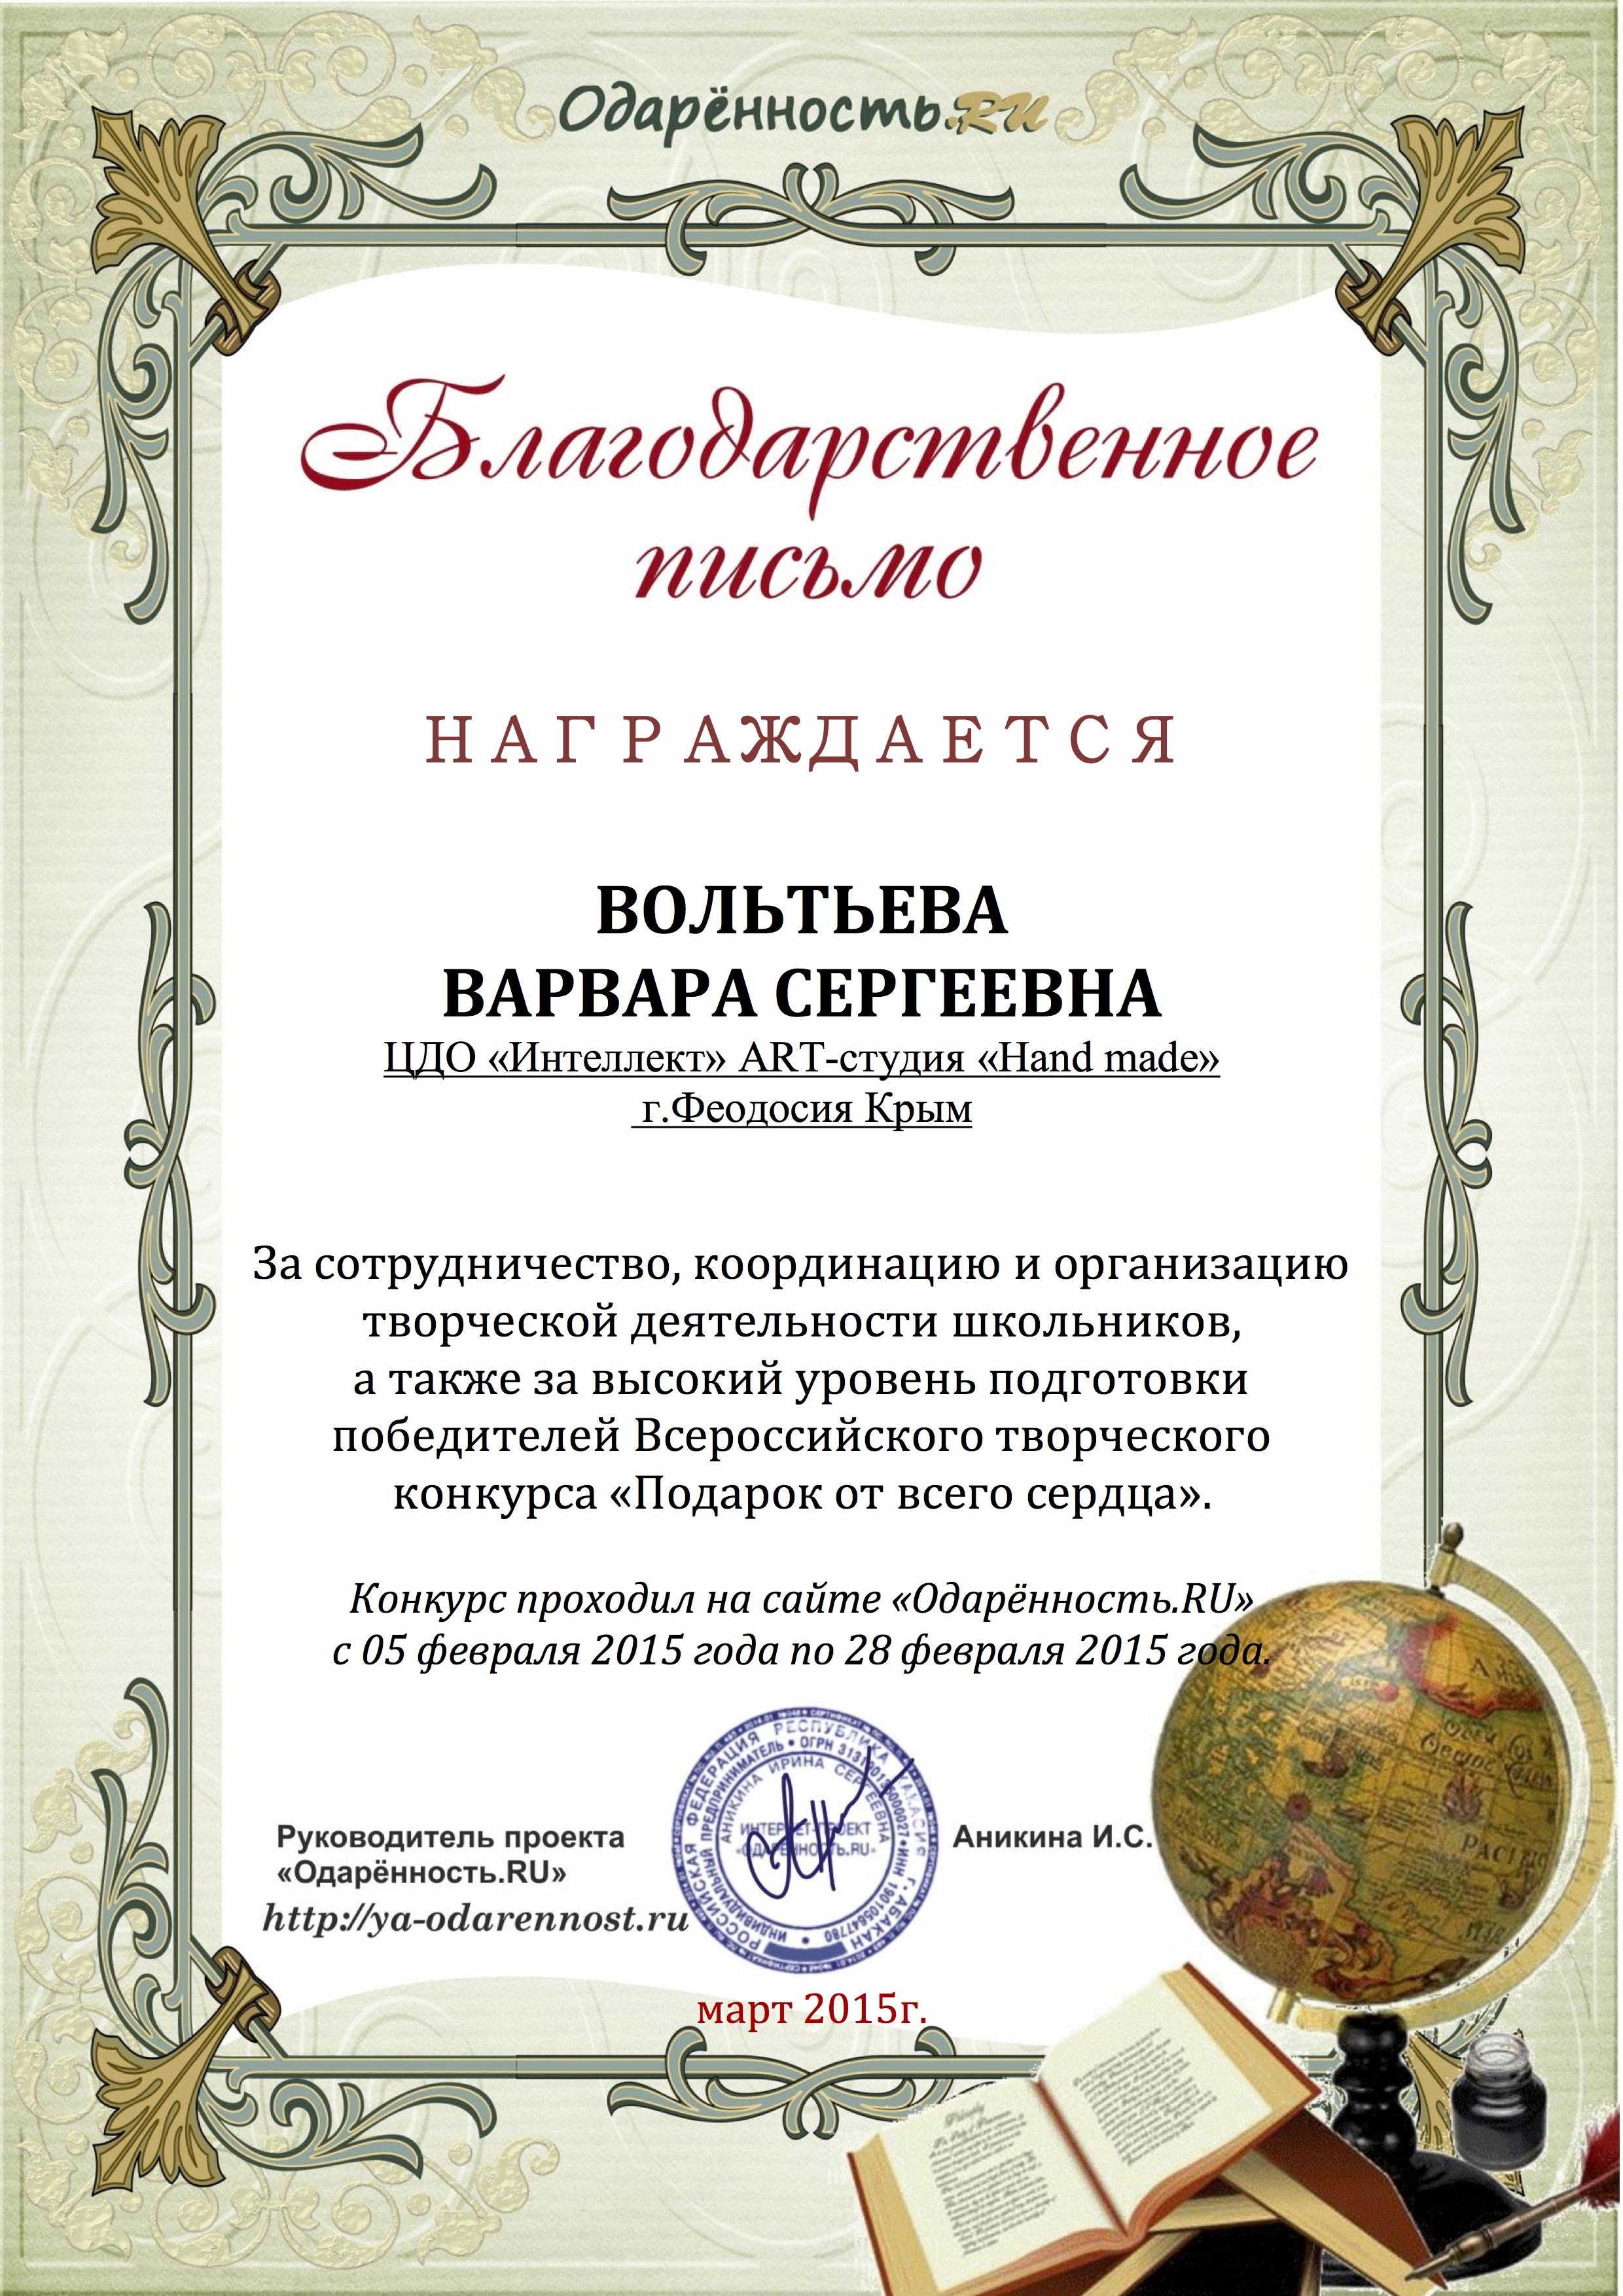 Музыкальная открытка С ДНЕМ РОЖДЕНИЯ!. Обсуждение 5